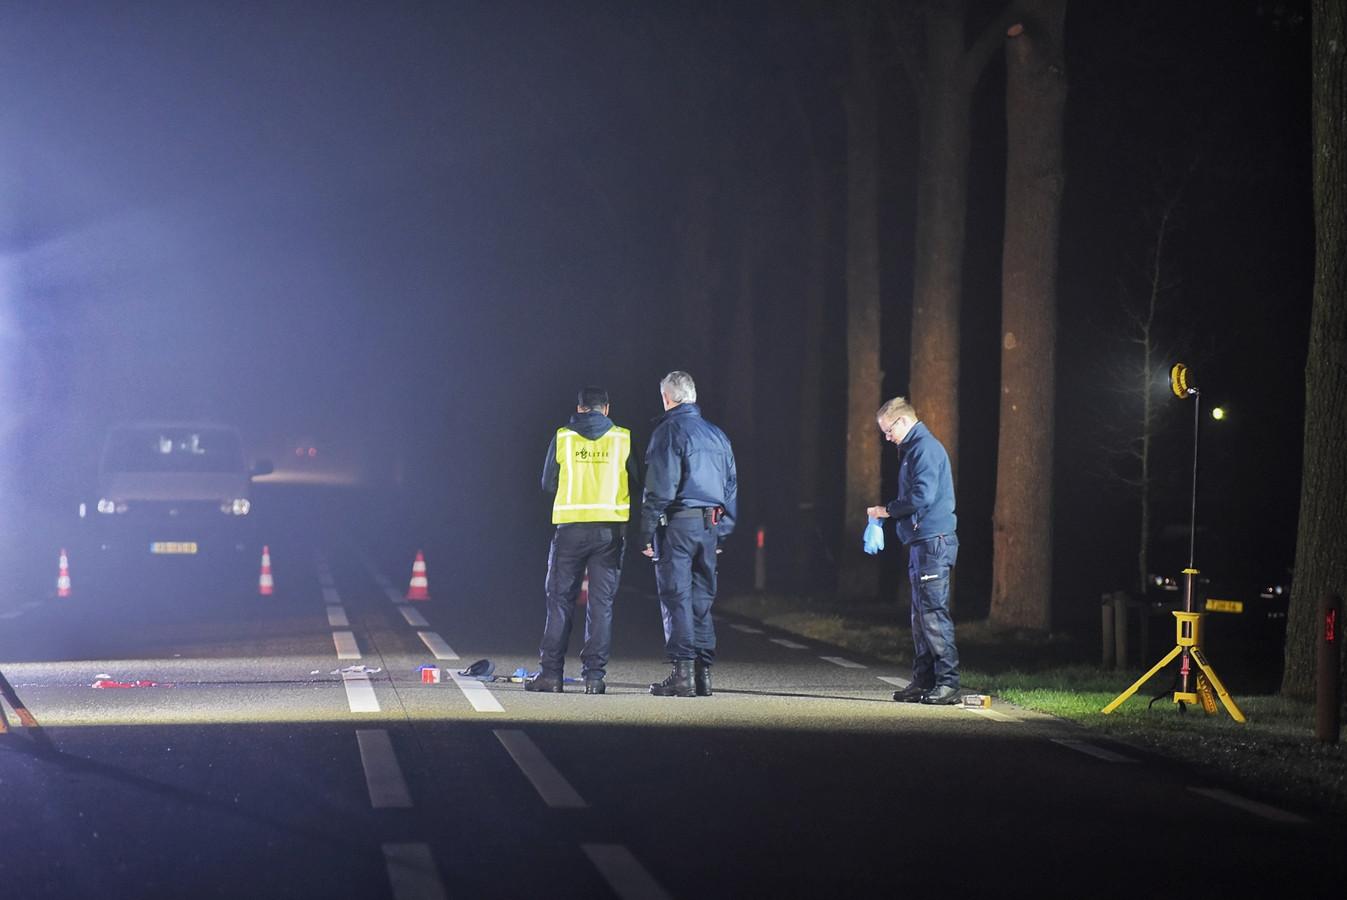 De politie doet onderzoek op de plaats waar de verdachte is neergeschoten.